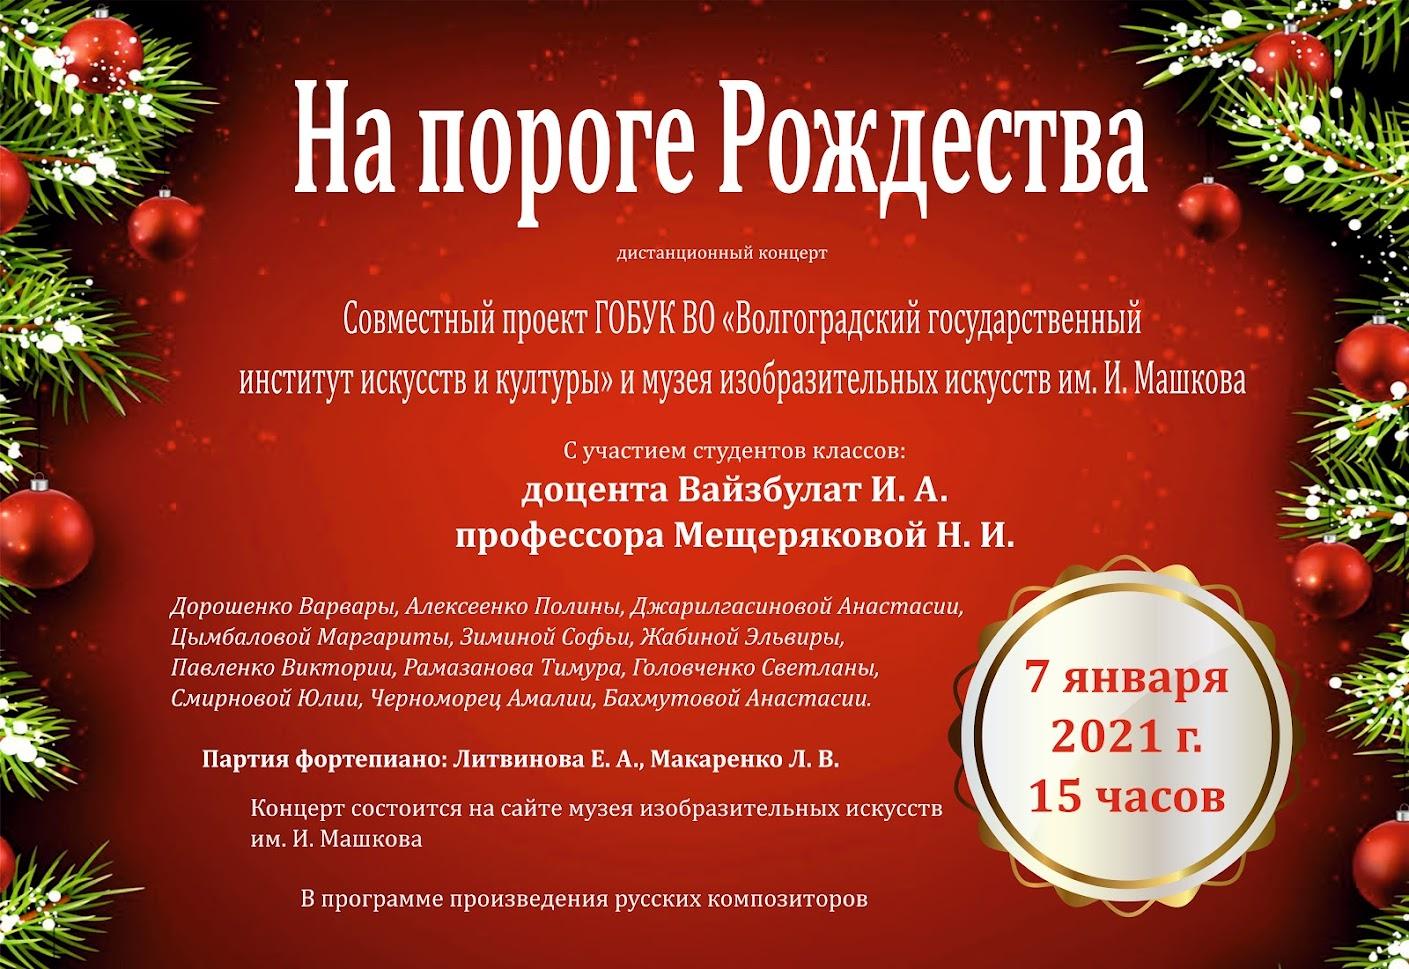 7 января состоится концерт «На пороге Рождества»